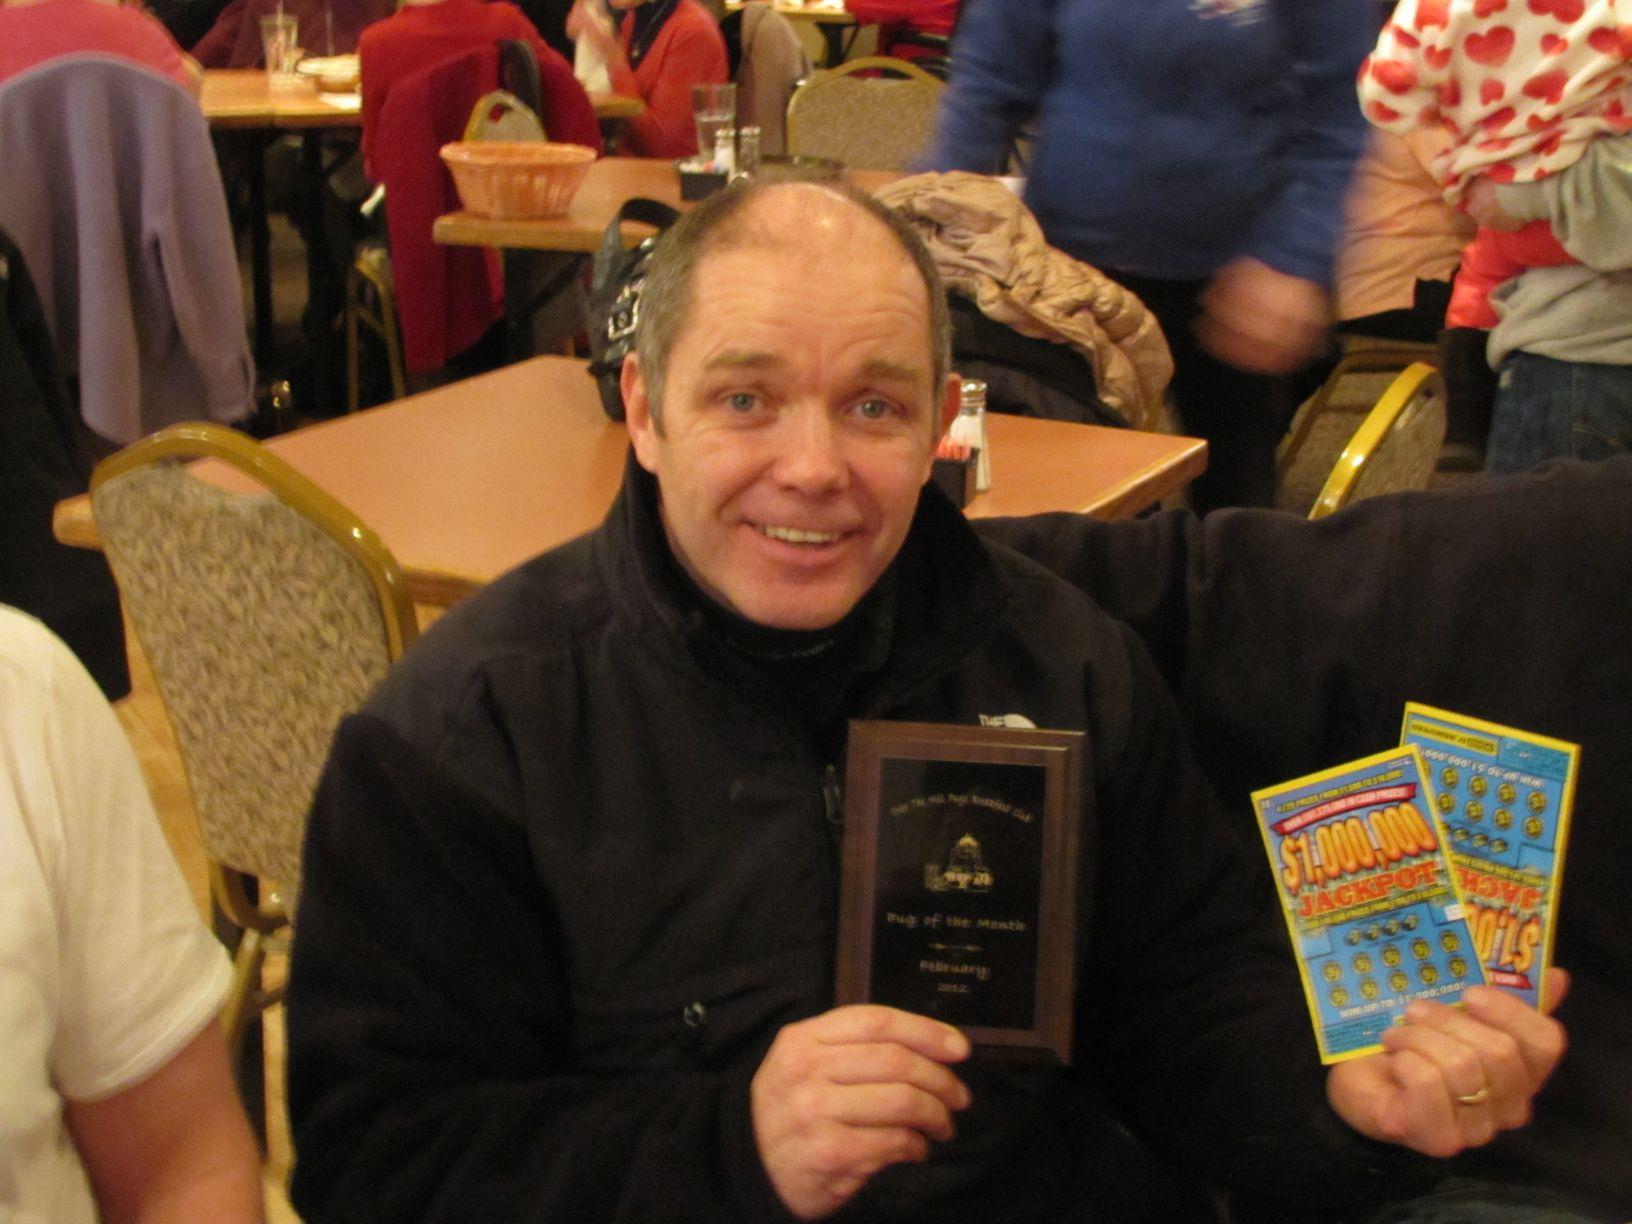 Florian Hall February 14, 2012